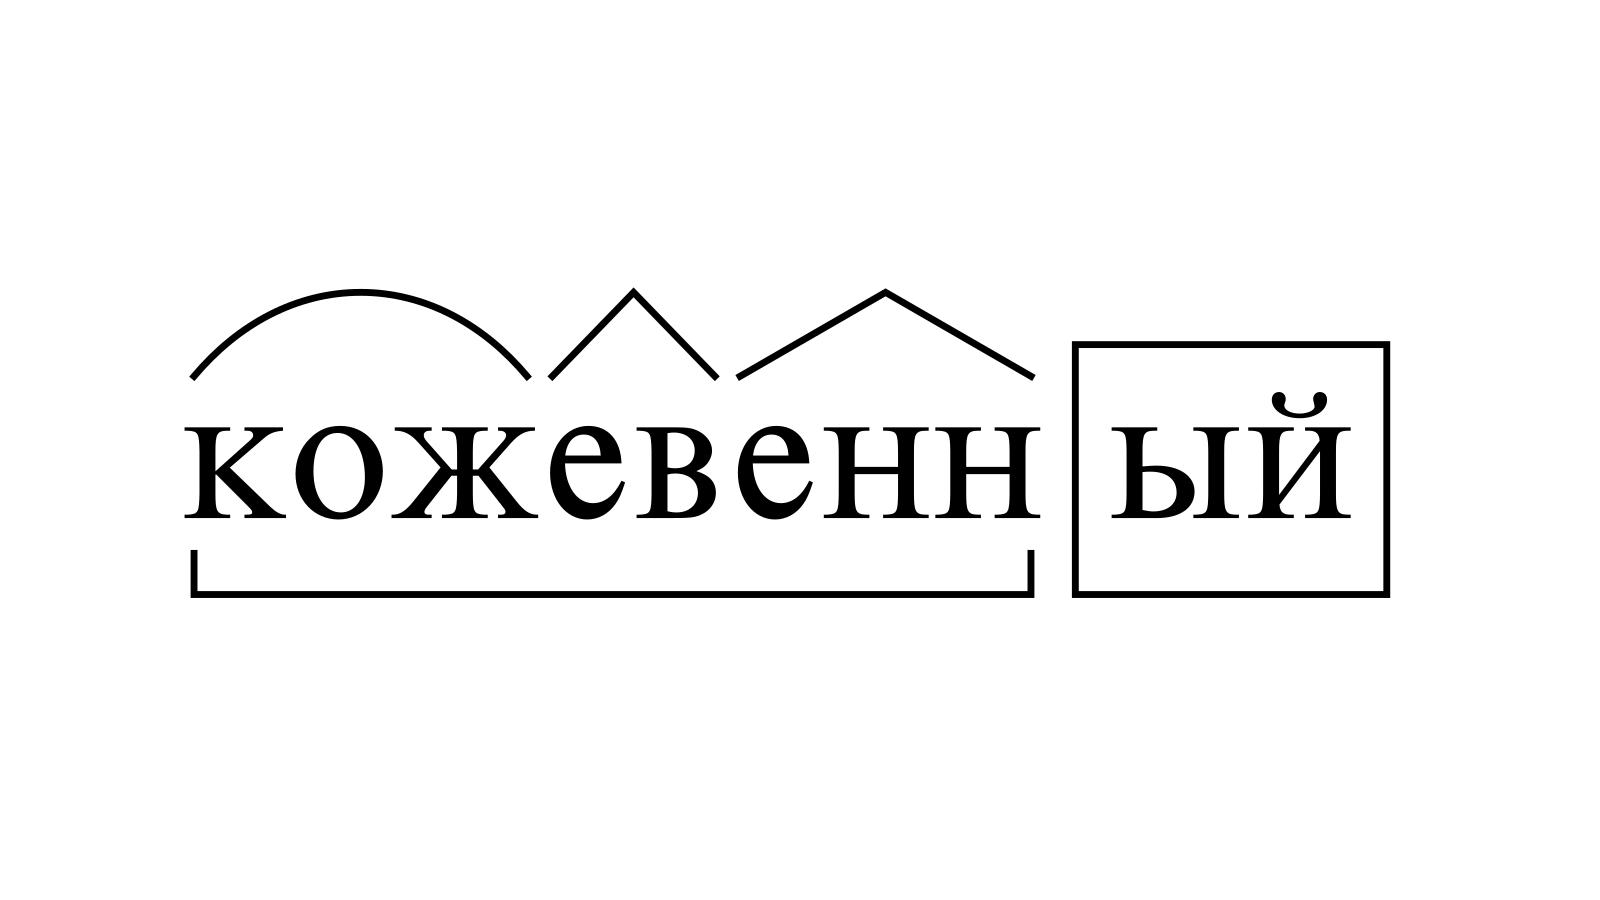 Разбор слова «кожевенный» по составу